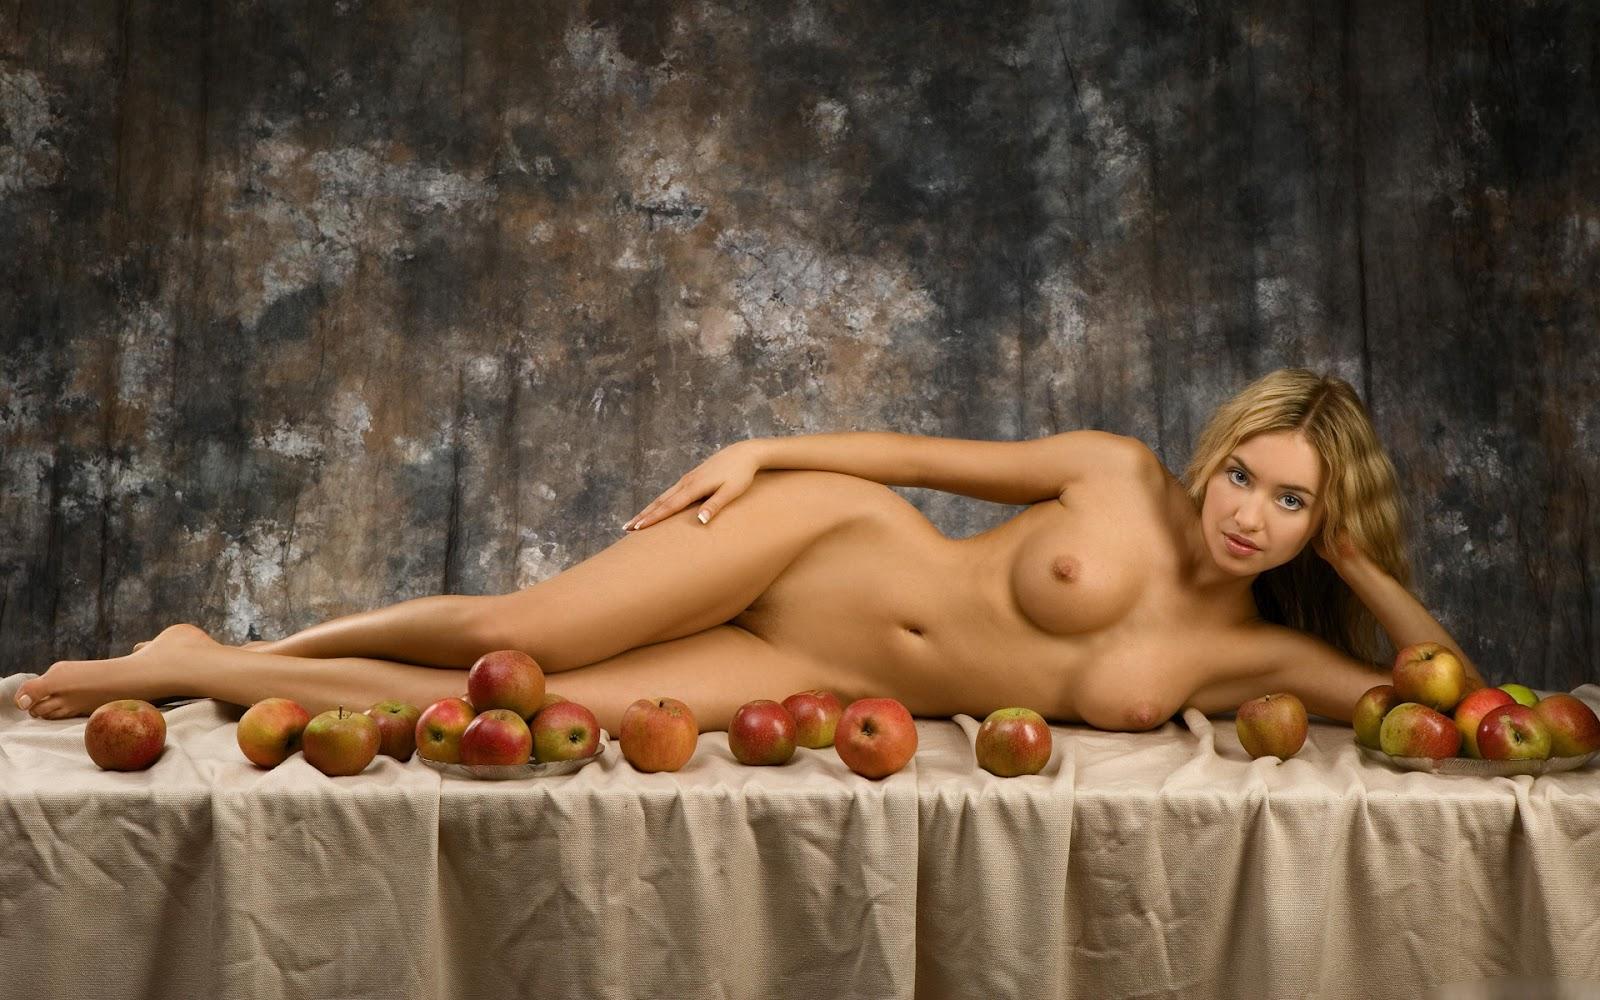 Супер красивые обнажонные девушки 16 фотография